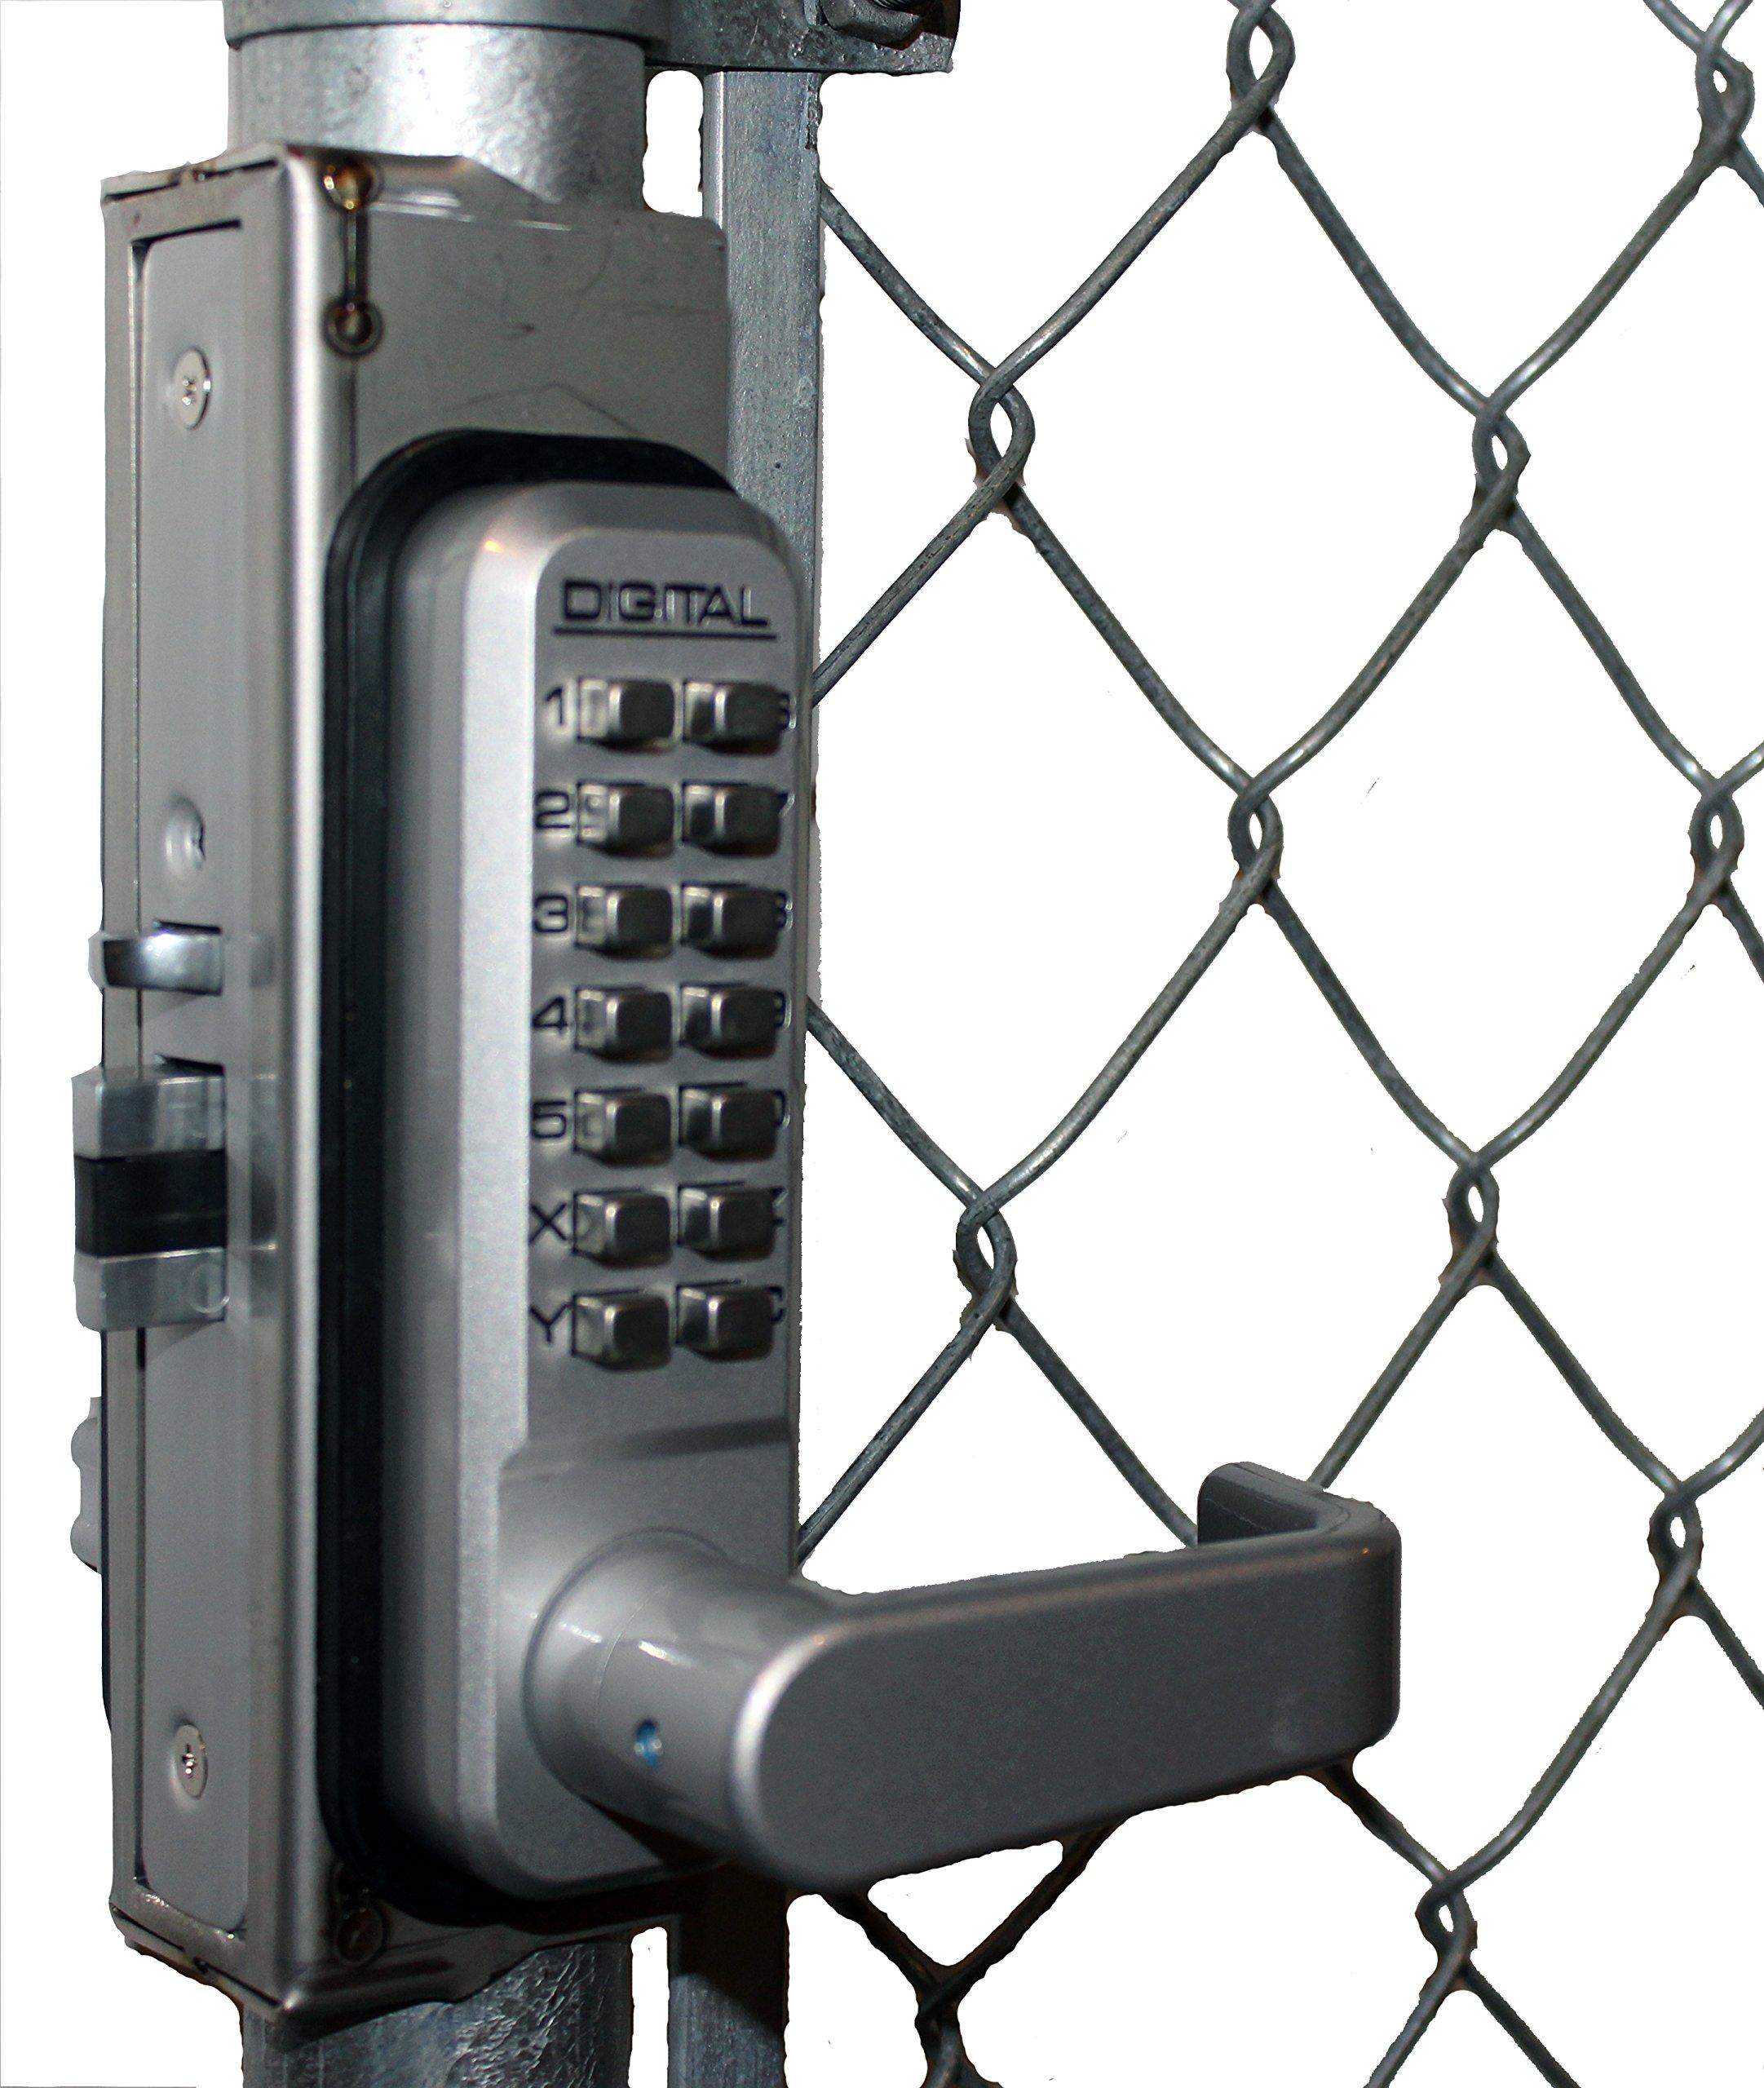 GB 2985 Linx Gate Box